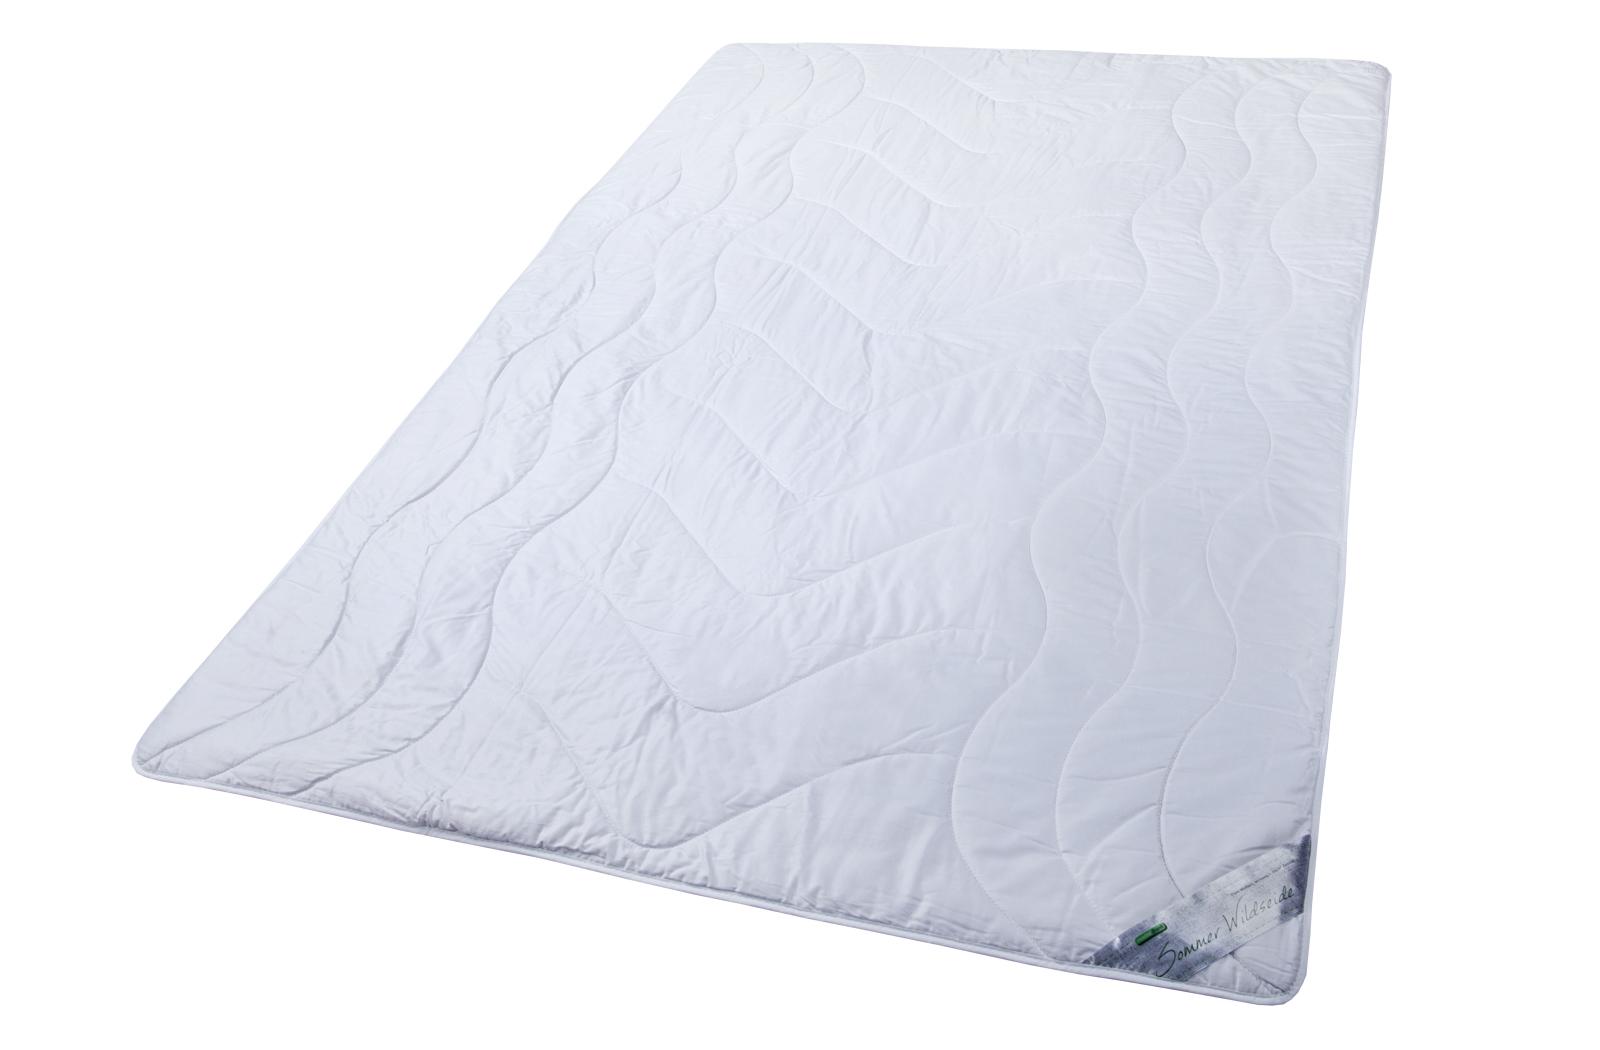 Sommerdecke 100% Wildseide Bezug Edel-Satin Baumwolle Sommer Bettdecken Wiebke – Bild 3